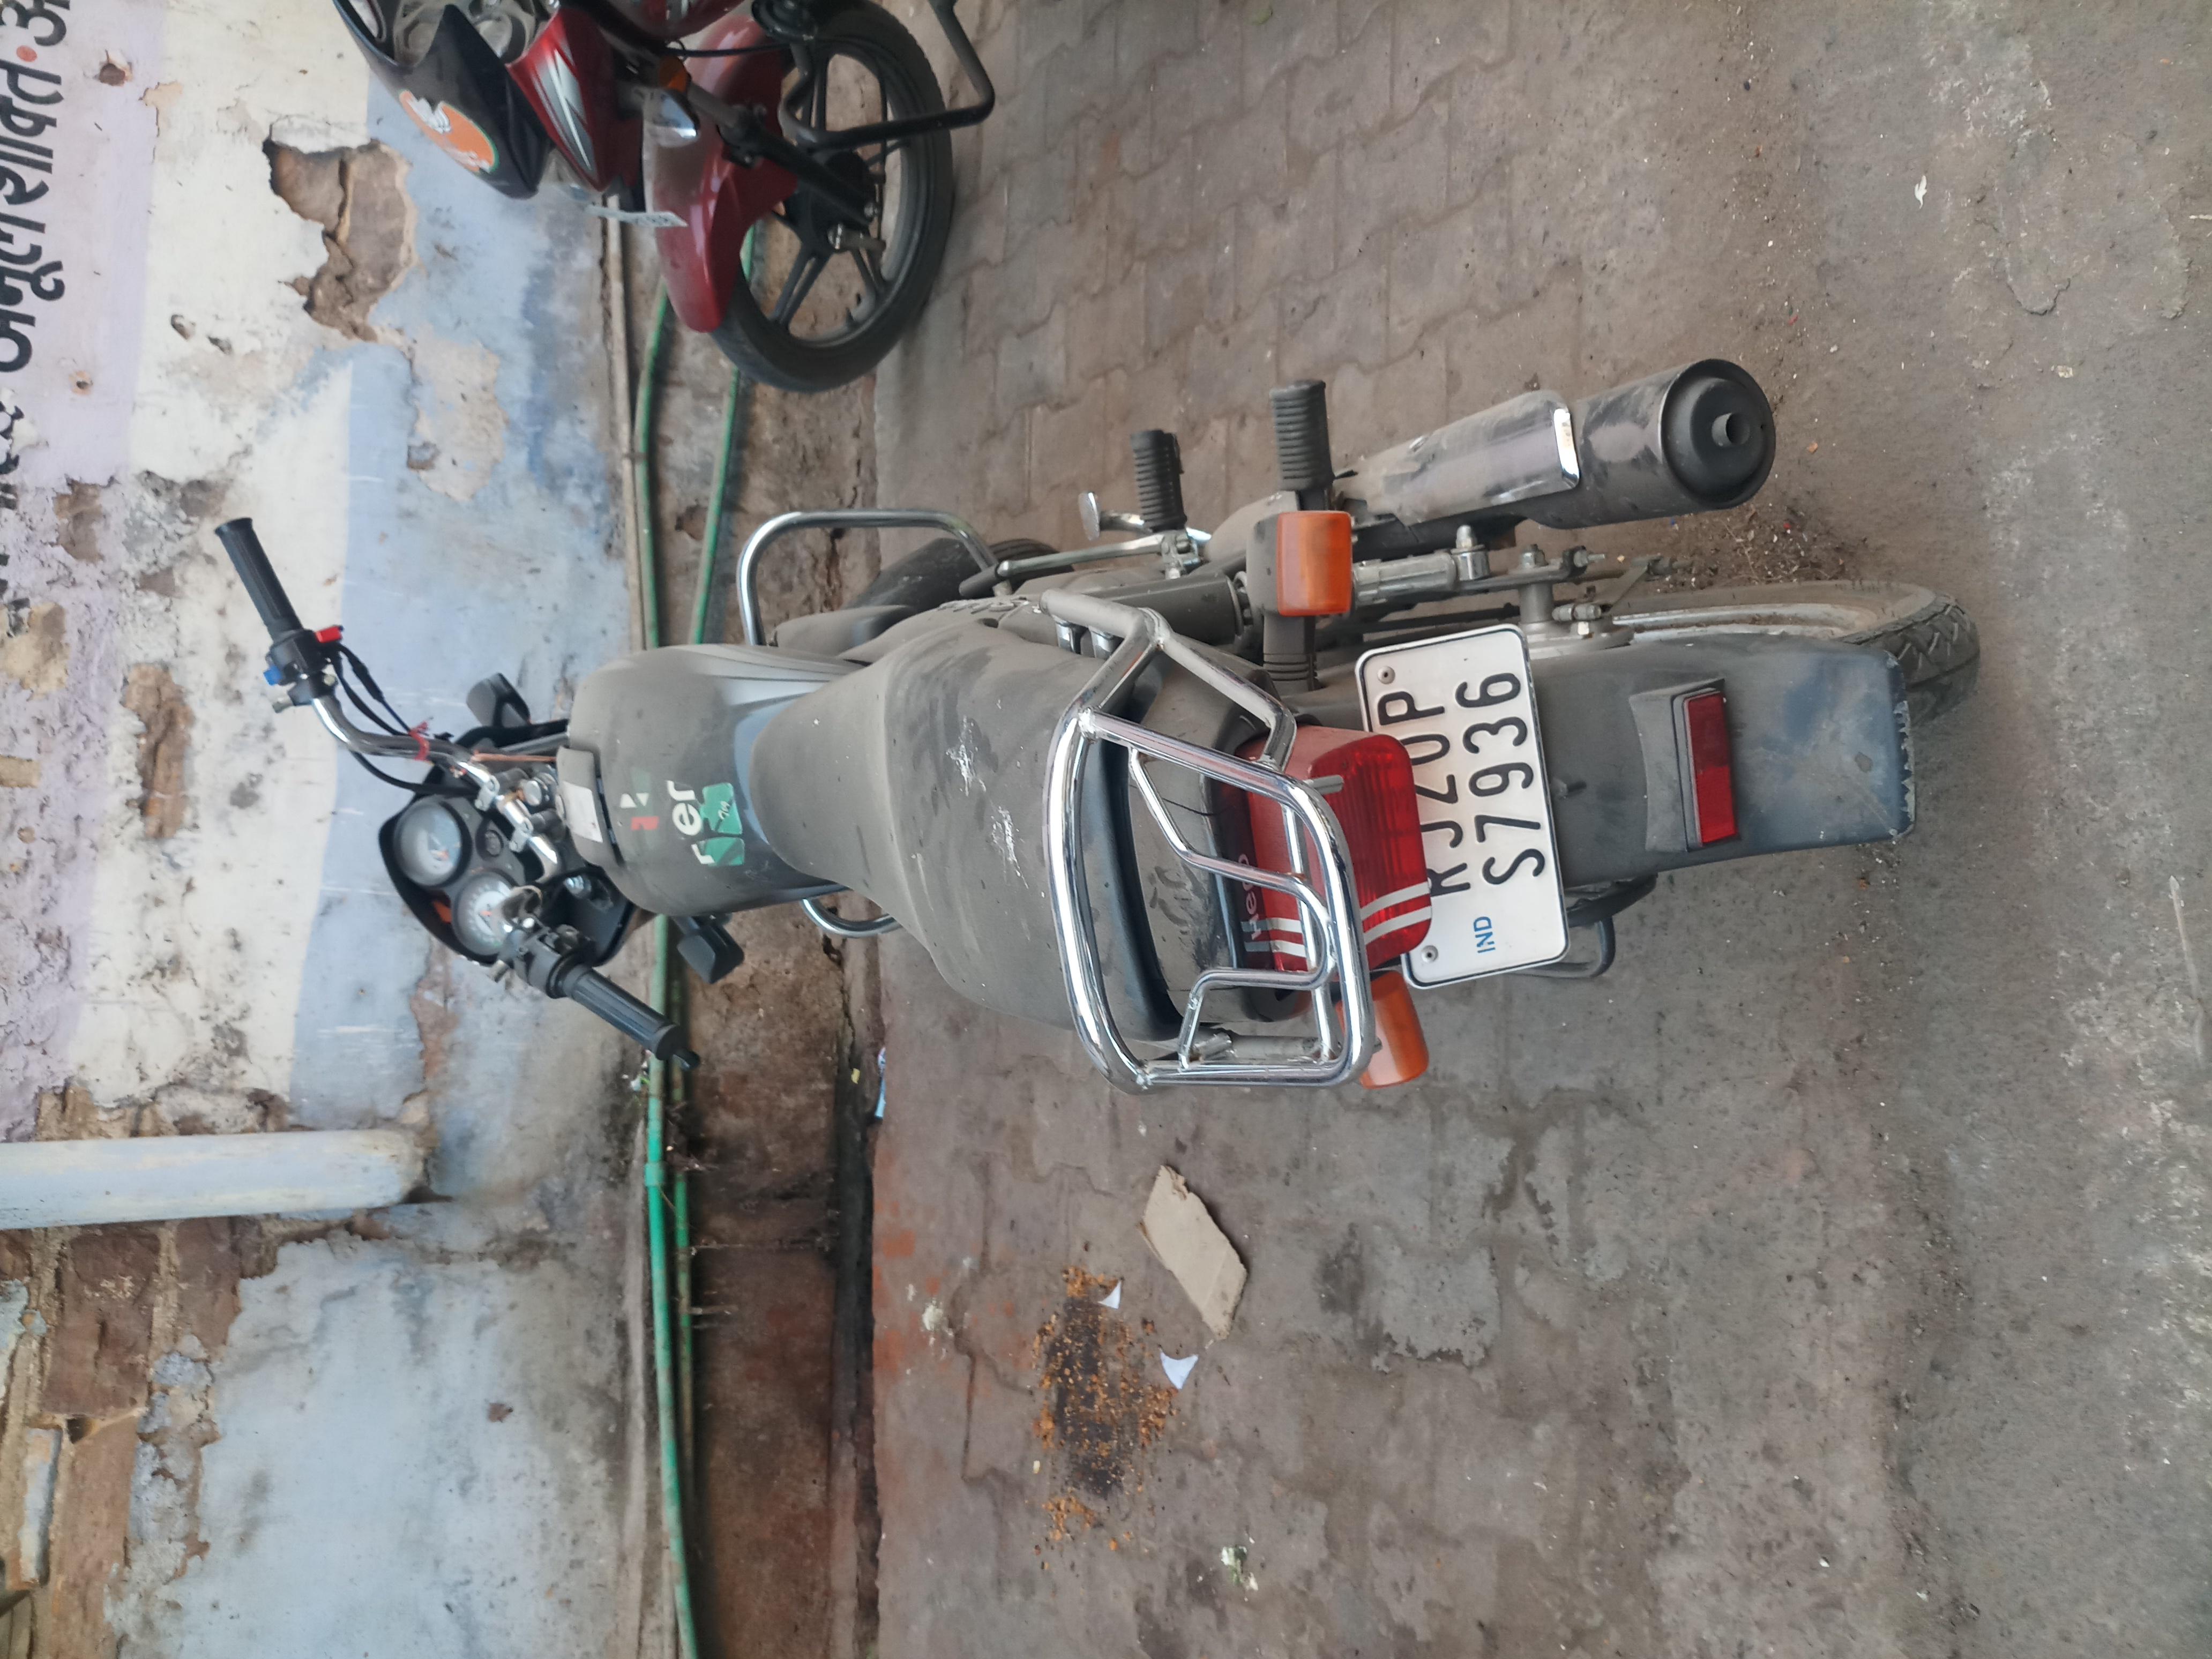 लवारिस हालत में मोटरसाइकिल